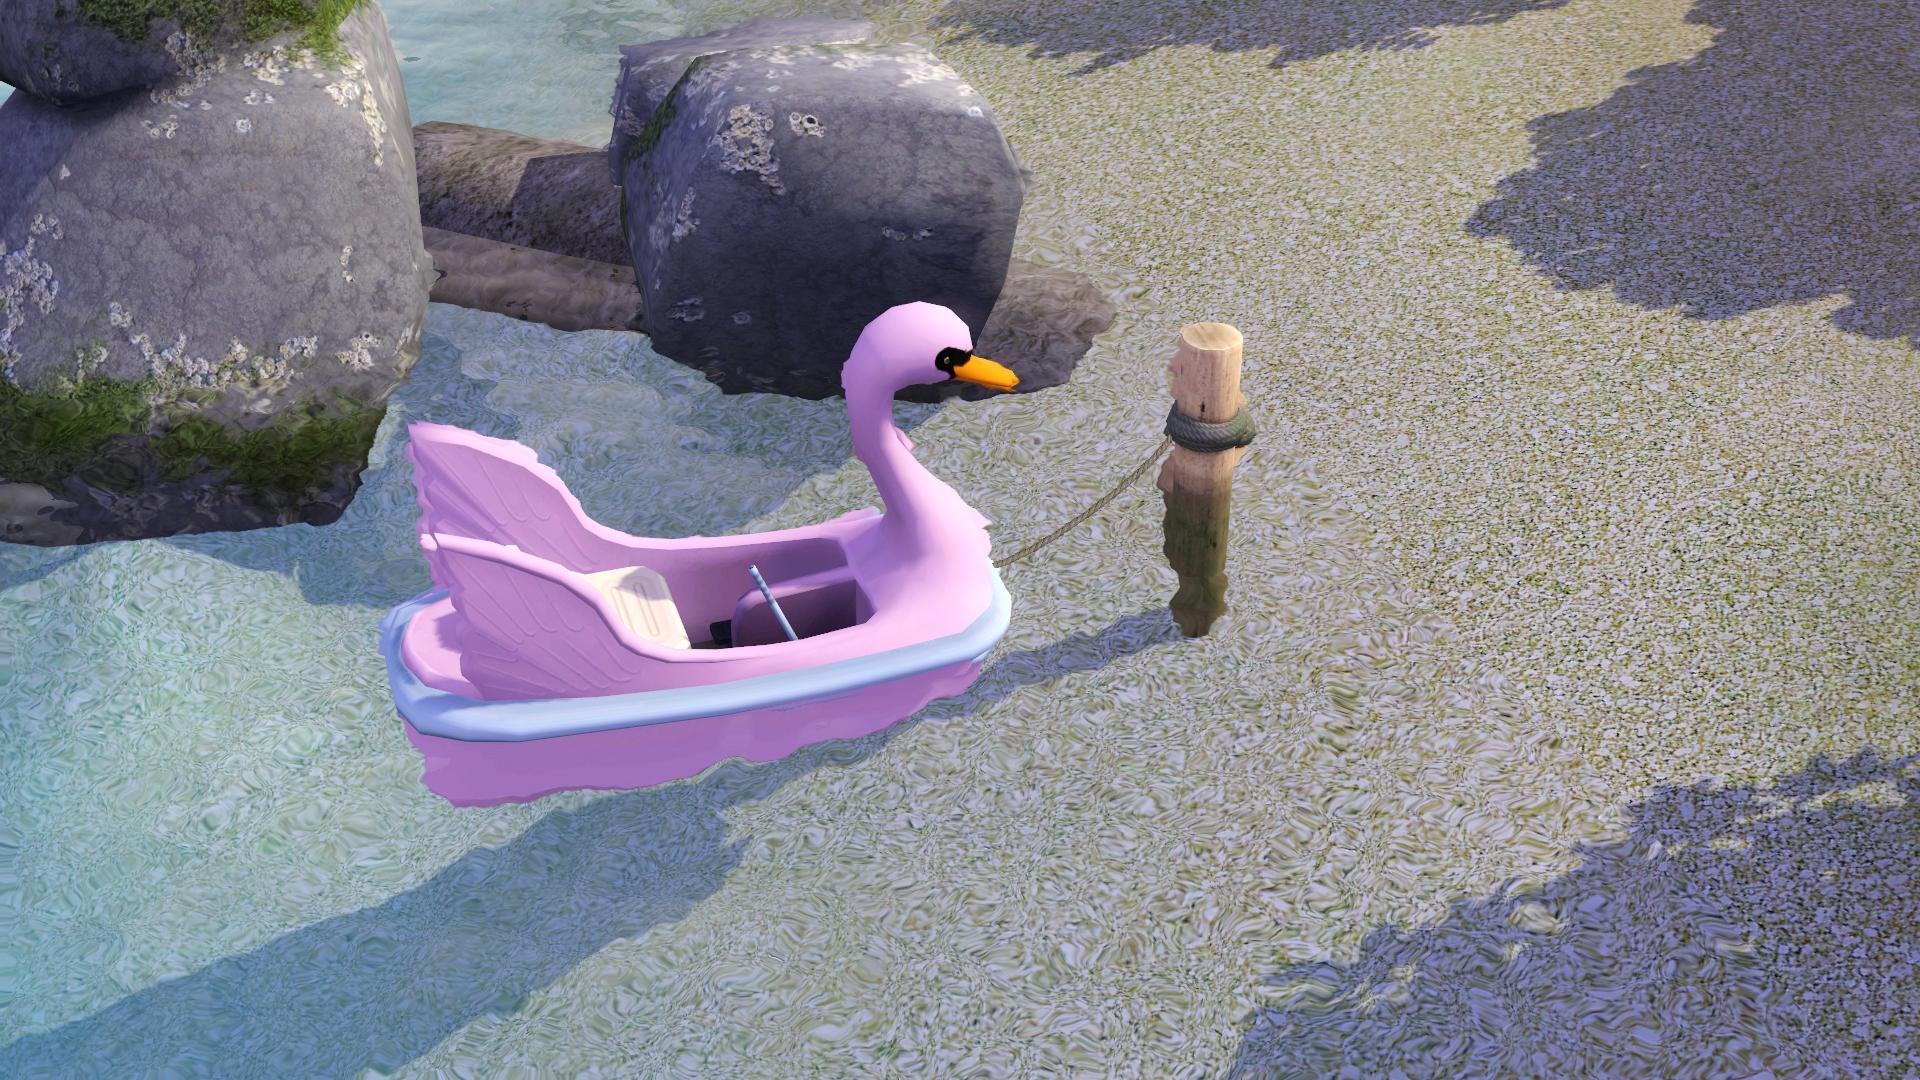 The sims 3 island paradise preview mezzi di trasporto for Case the sims 3 arredate